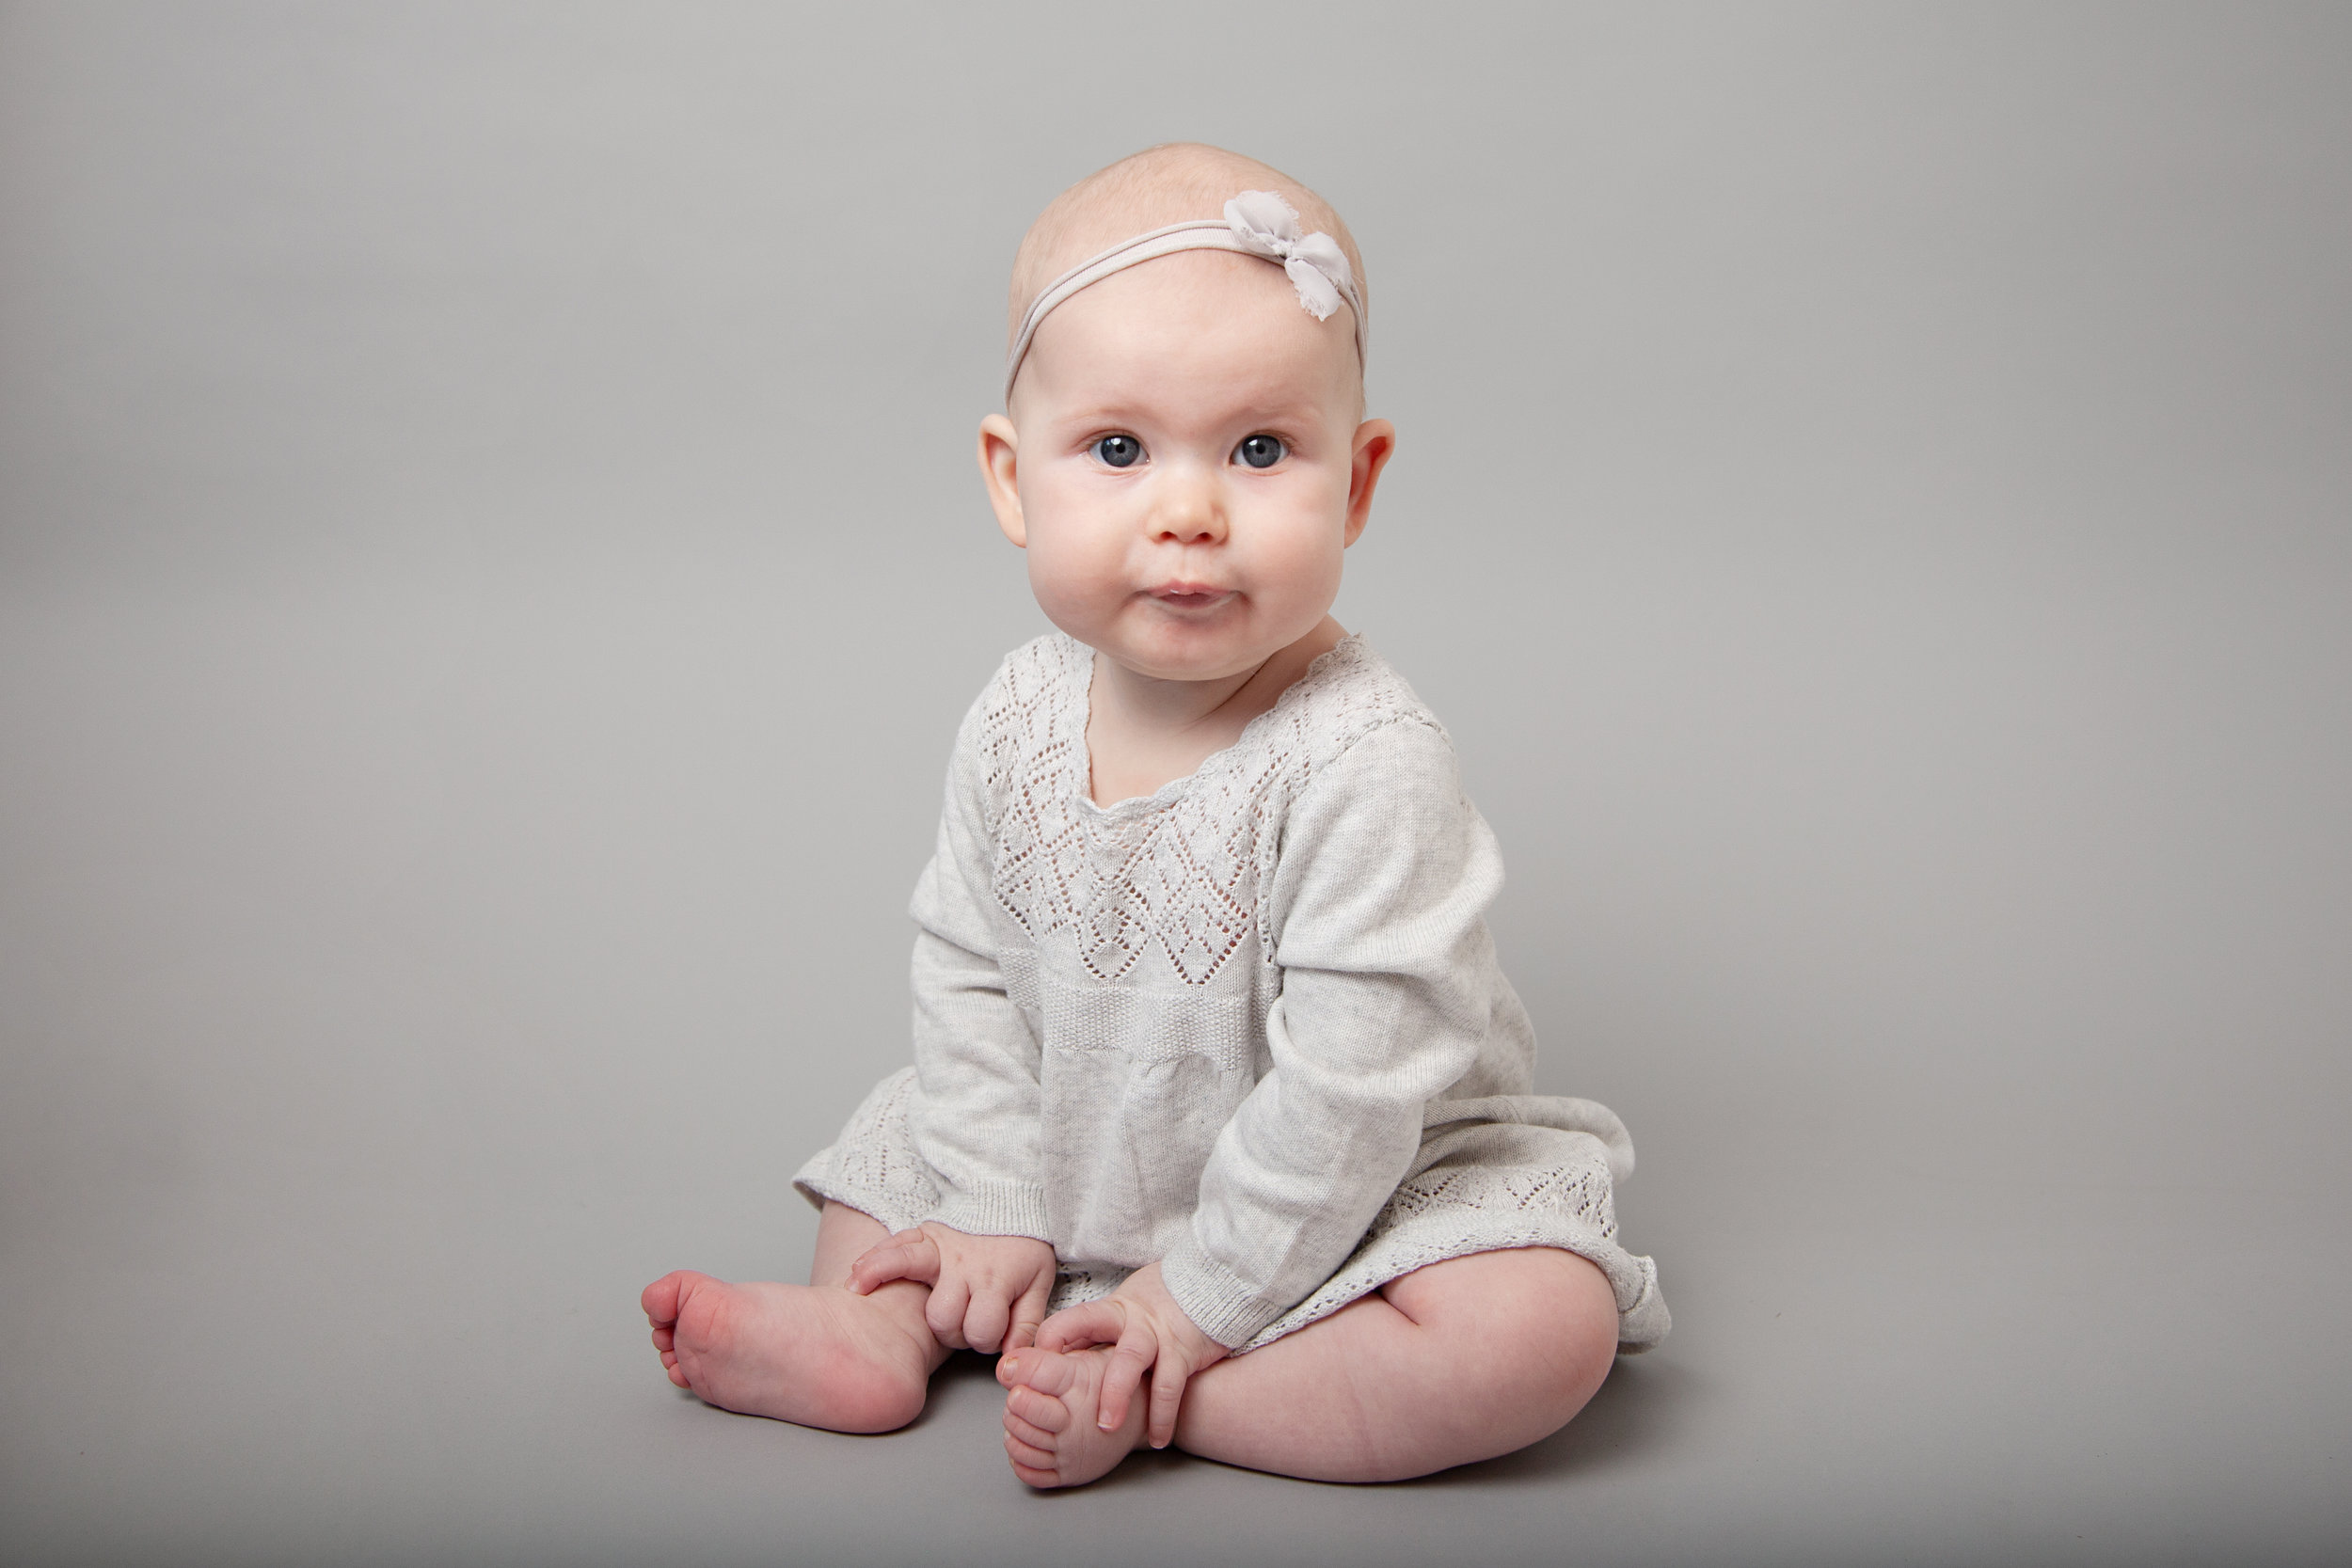 baby photographer shrewsbury, baby photographer shropshire, baby photography, photographers Shrewsbury, Shropshire photographer, childrens photography